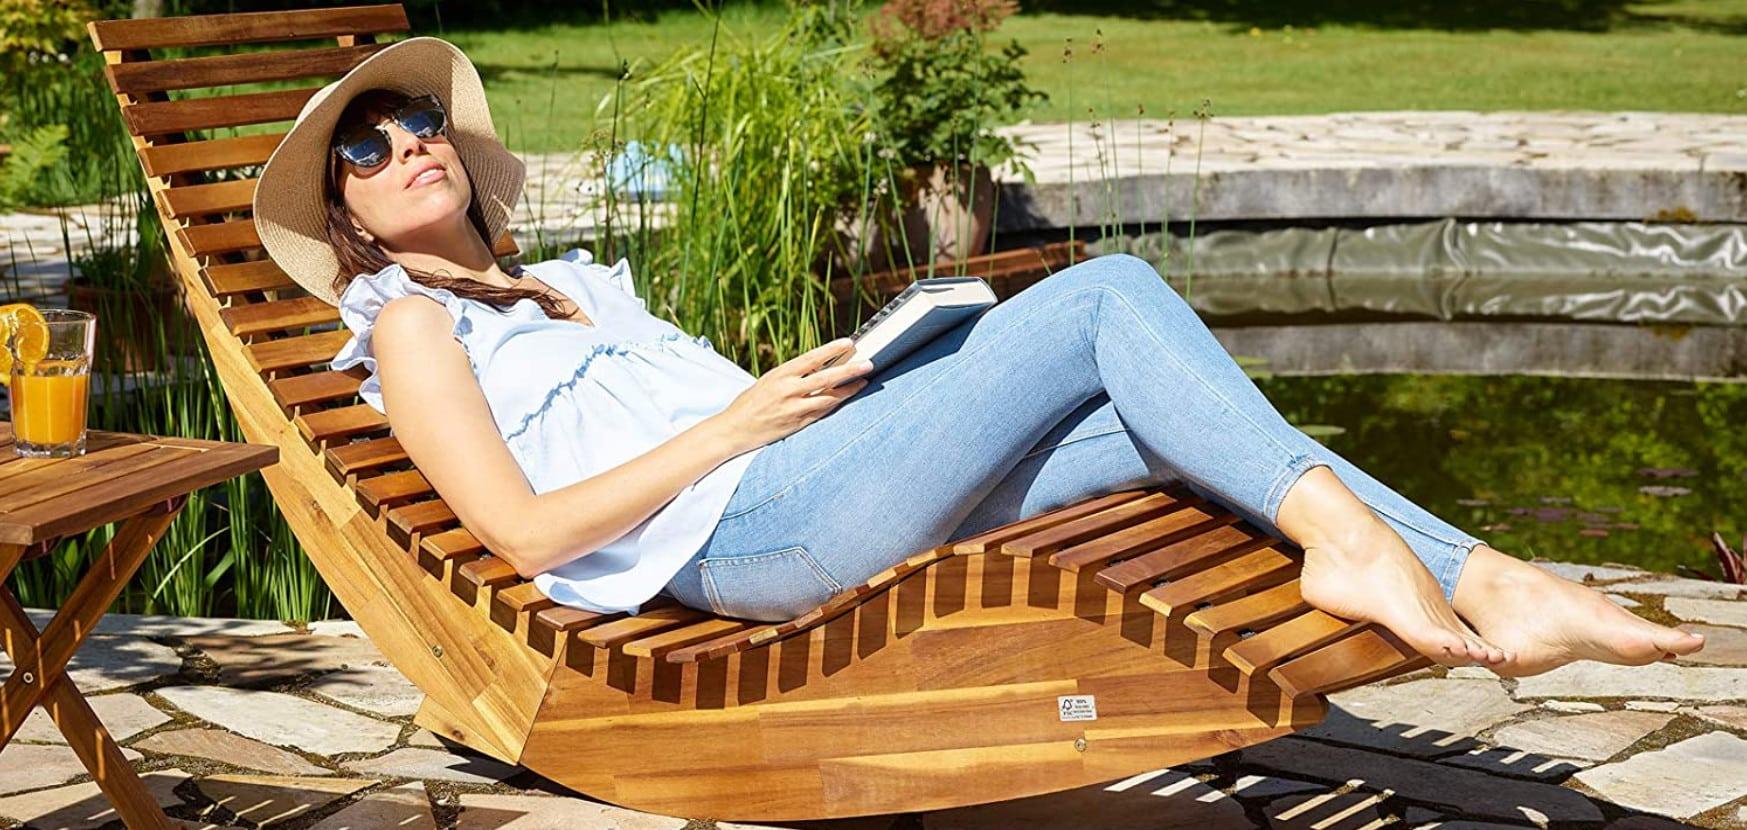 Comparatif pour choisir le meilleur bain de soleil en bois